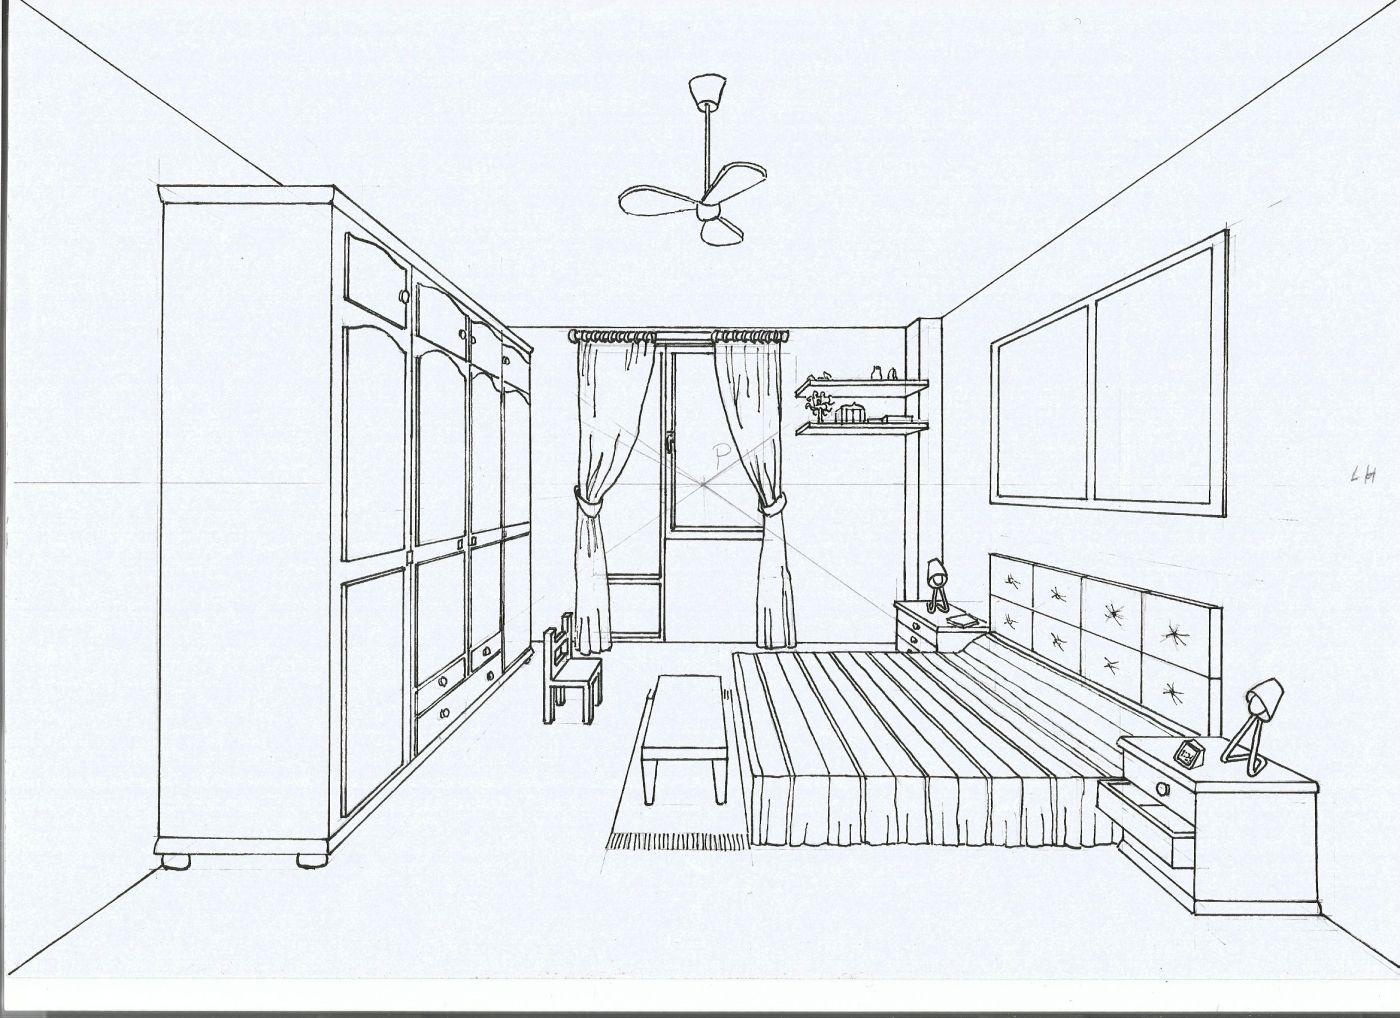 Dormitorio En Perspectiva Buscar Con Google Home Decor Decals Home Decor Decor